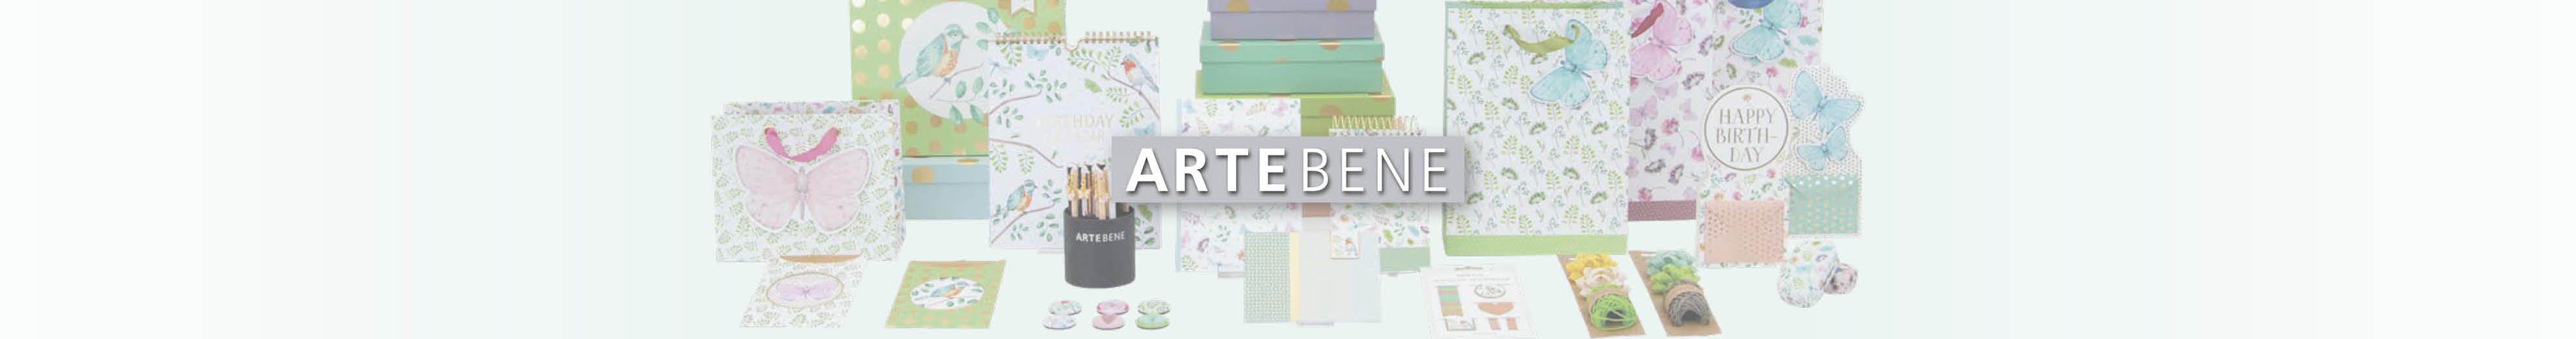 slide_arte_bene_2020